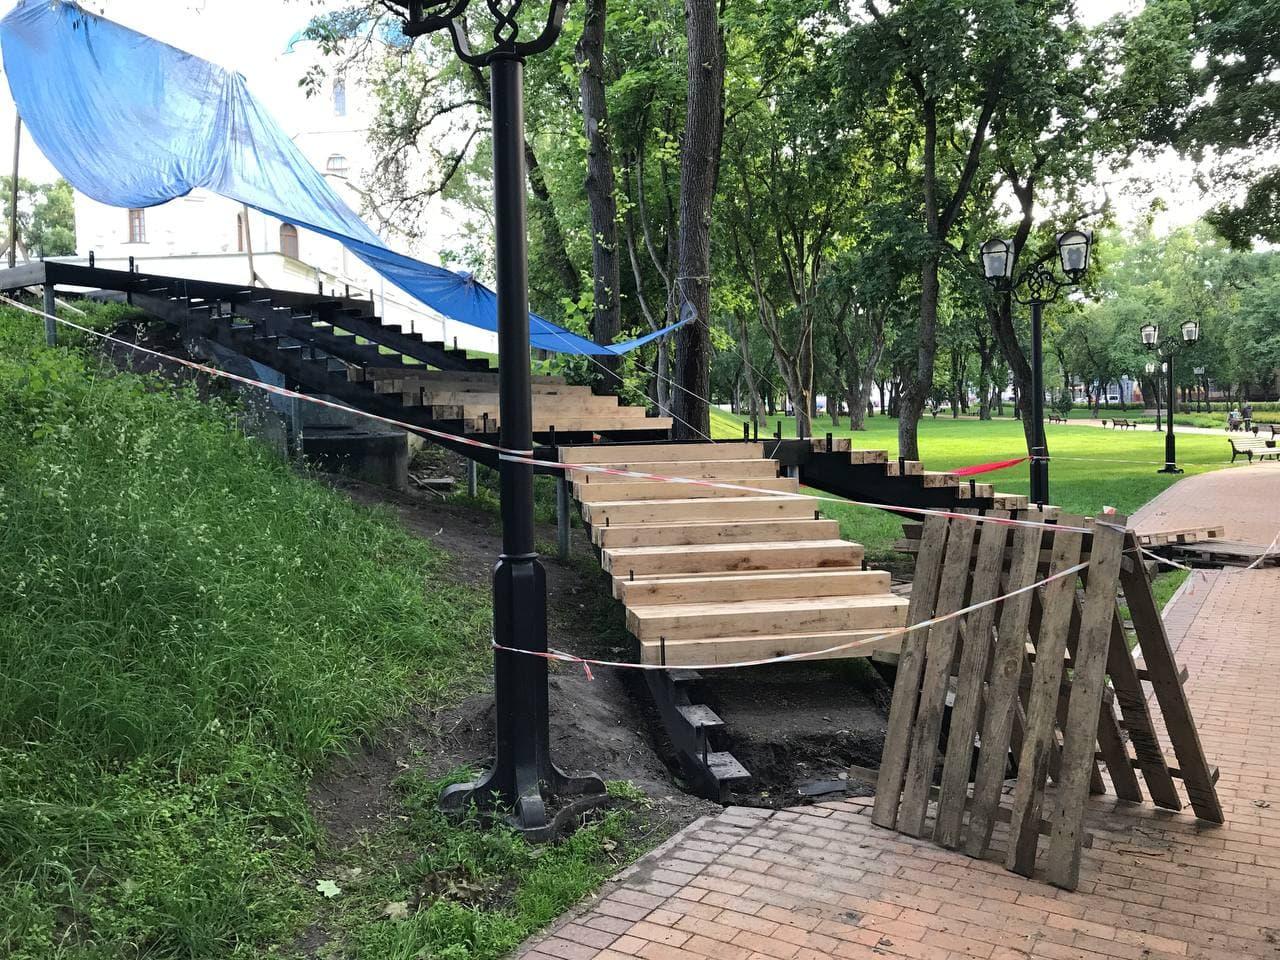 Нові сходи на чернігівському Валу оздоблюють деревом (Фото)